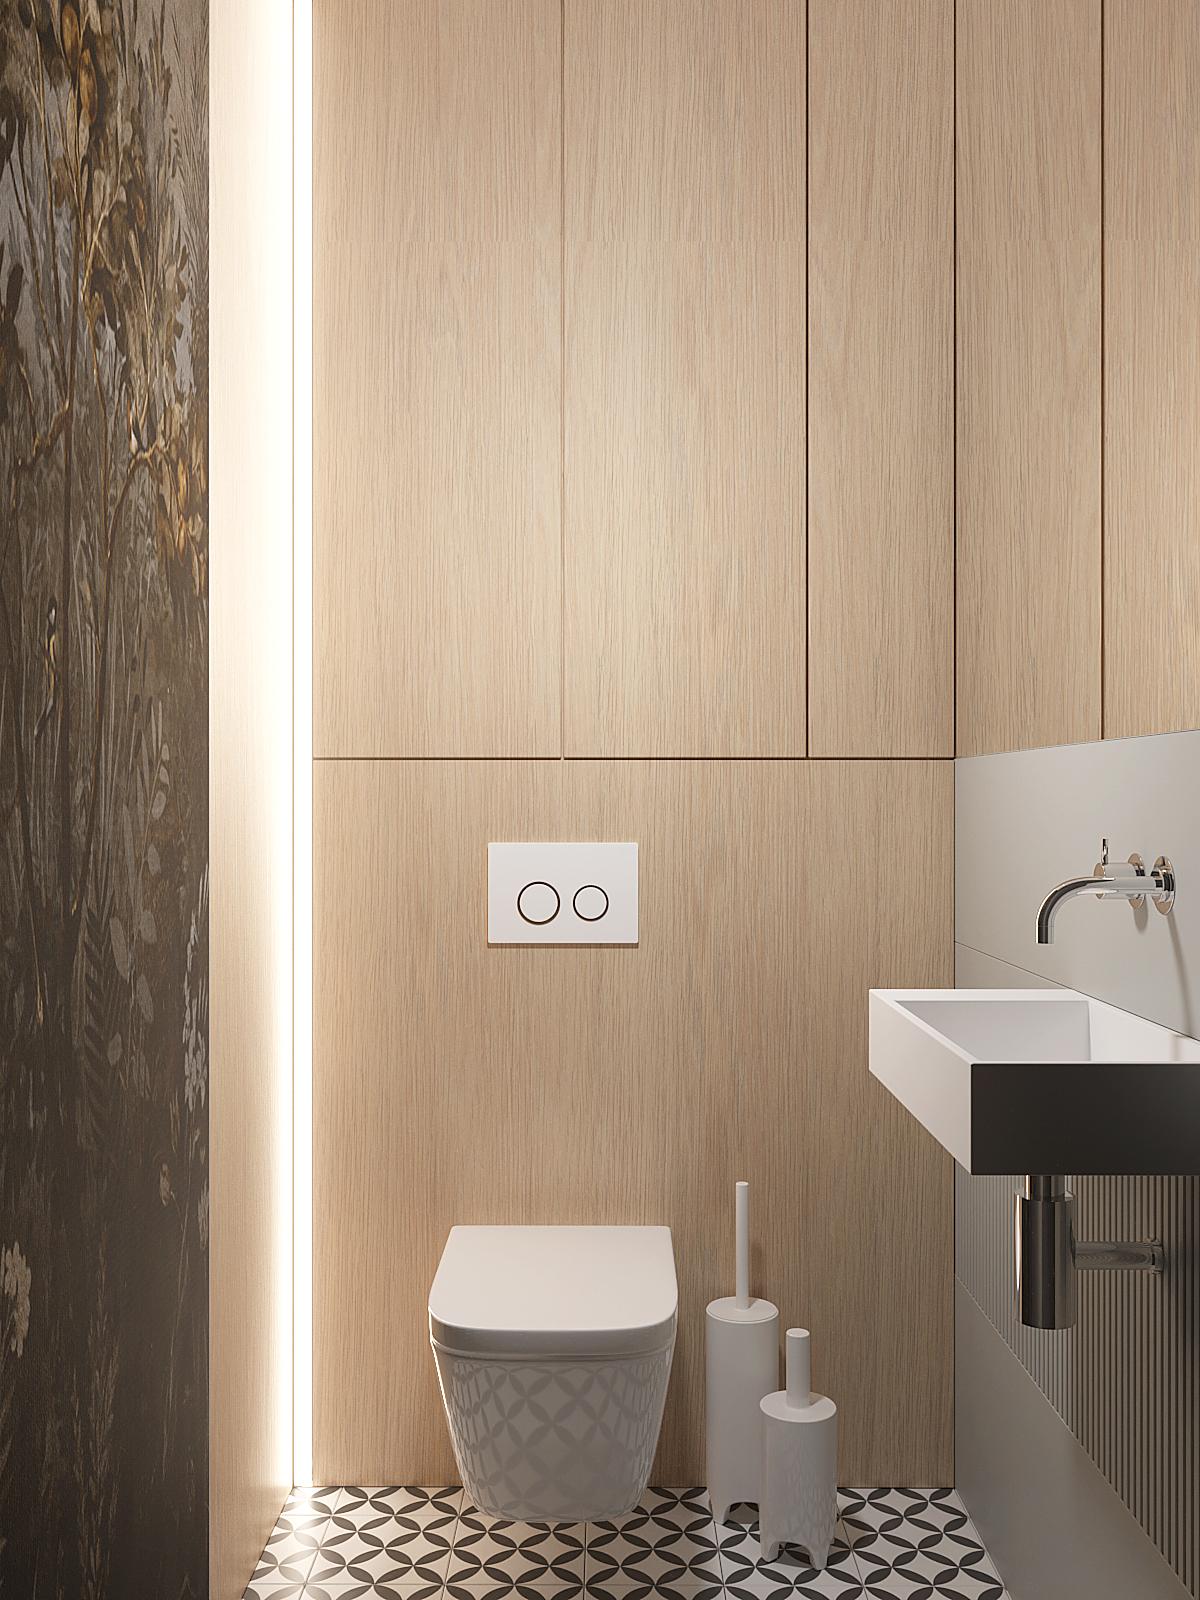 13 aranzacja wnetrz D395 dom Tychy toaleta drewniana zabudowa stelaza podswietlenie led tapeta w toalecie